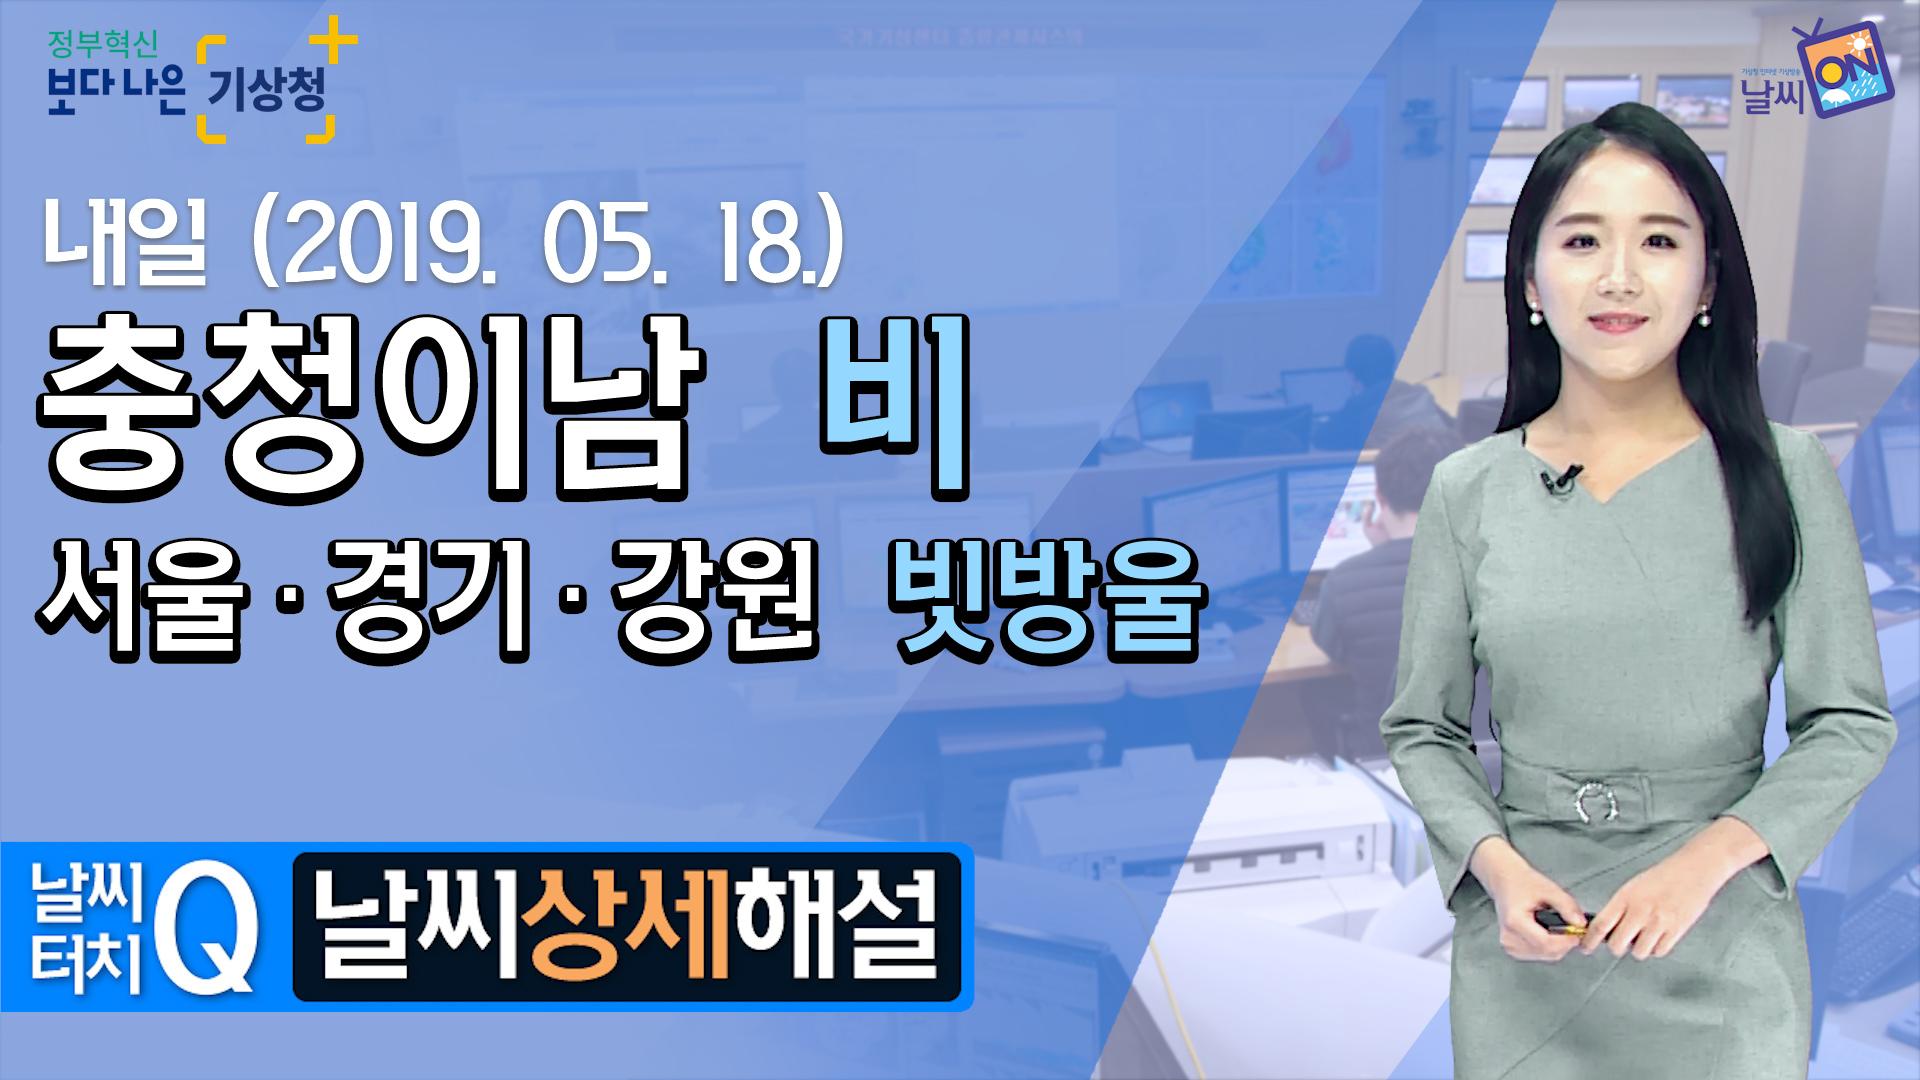 [19시] 5월 18일(토) 충청이남 비, 서울·경기·강원 빗방울